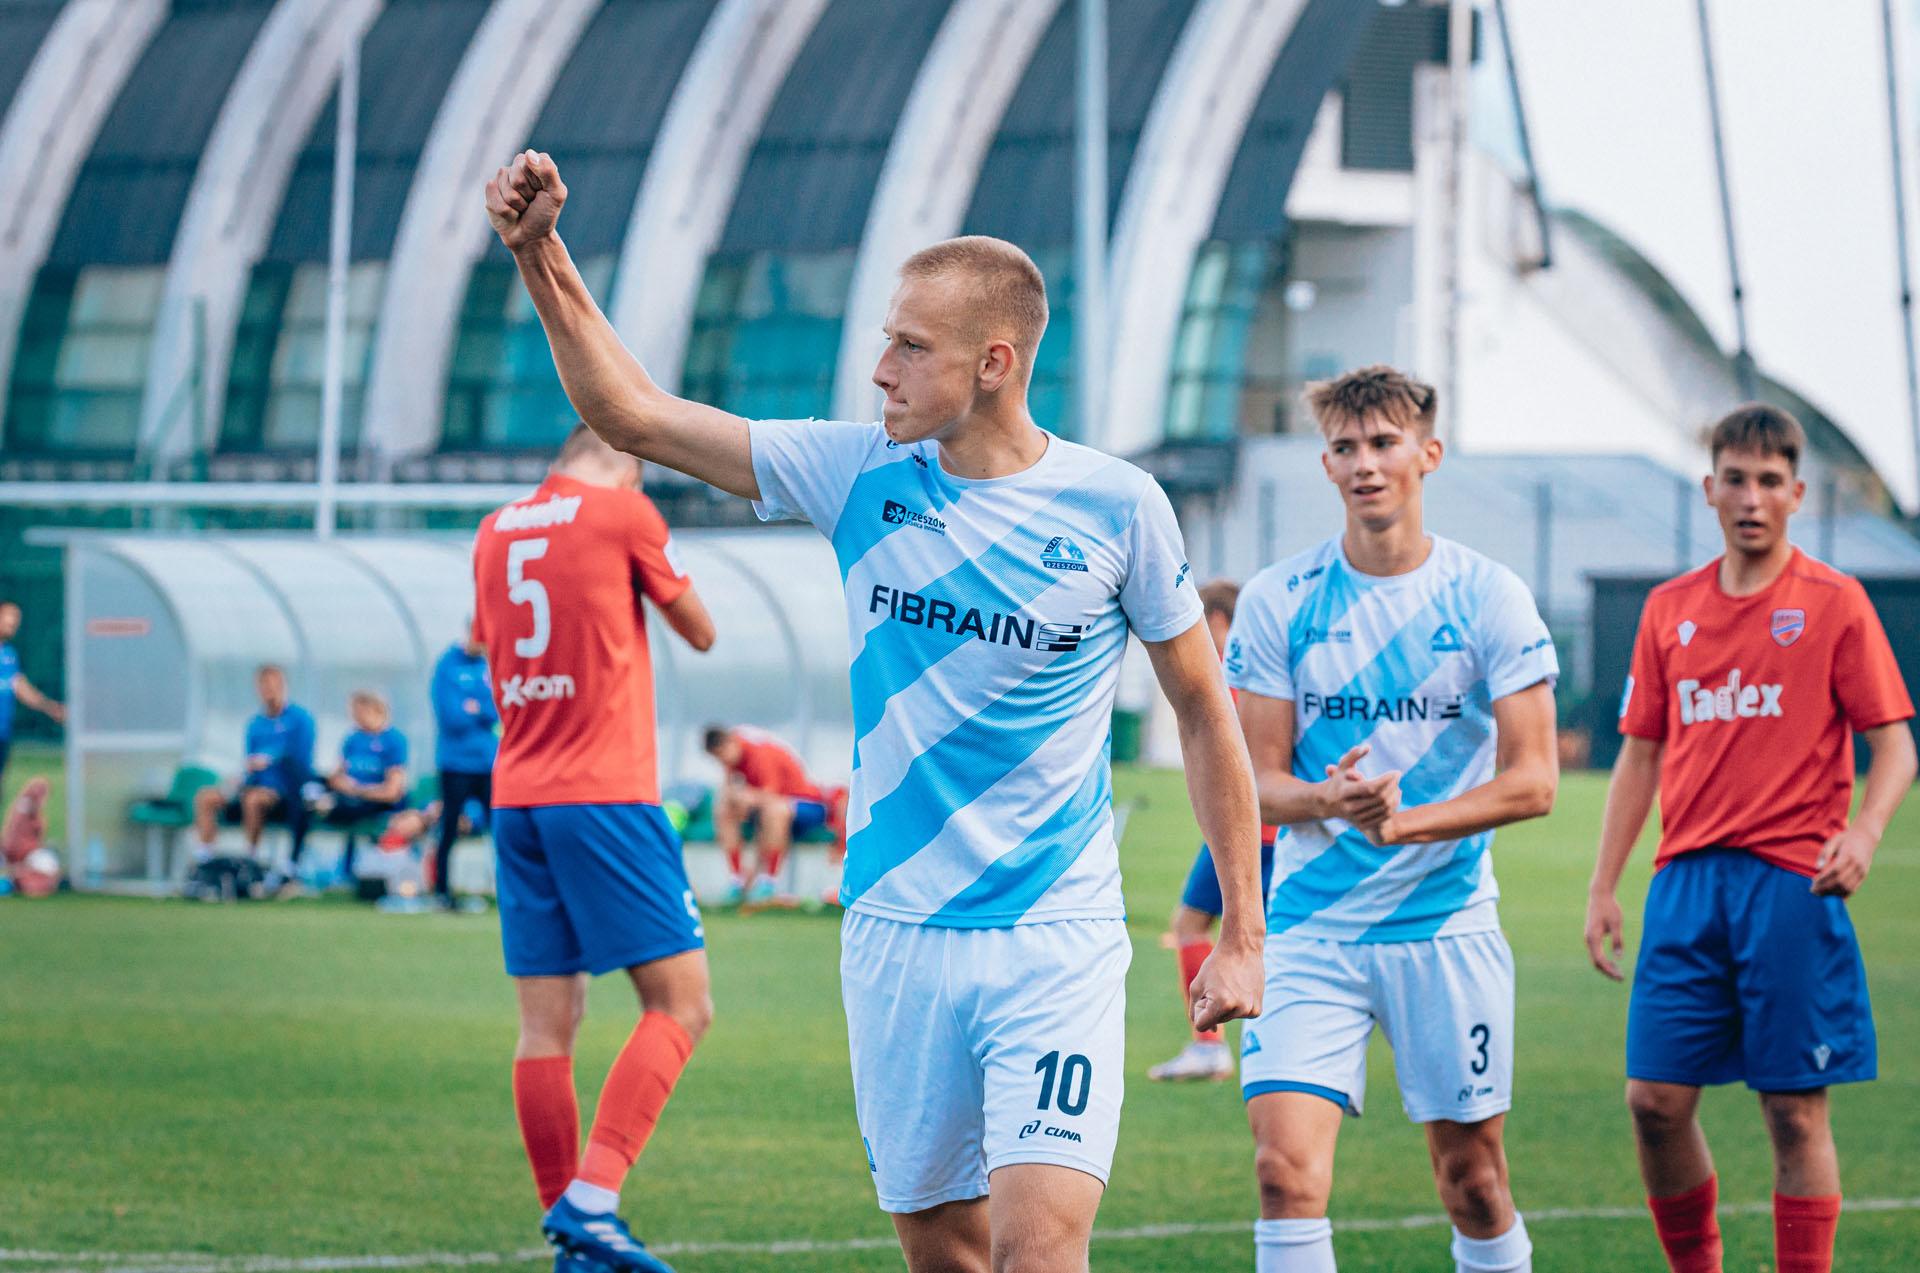 U18 - Stal Rzeszów - Raków Częstochowa 2021-09-05, fot. K.Krupa